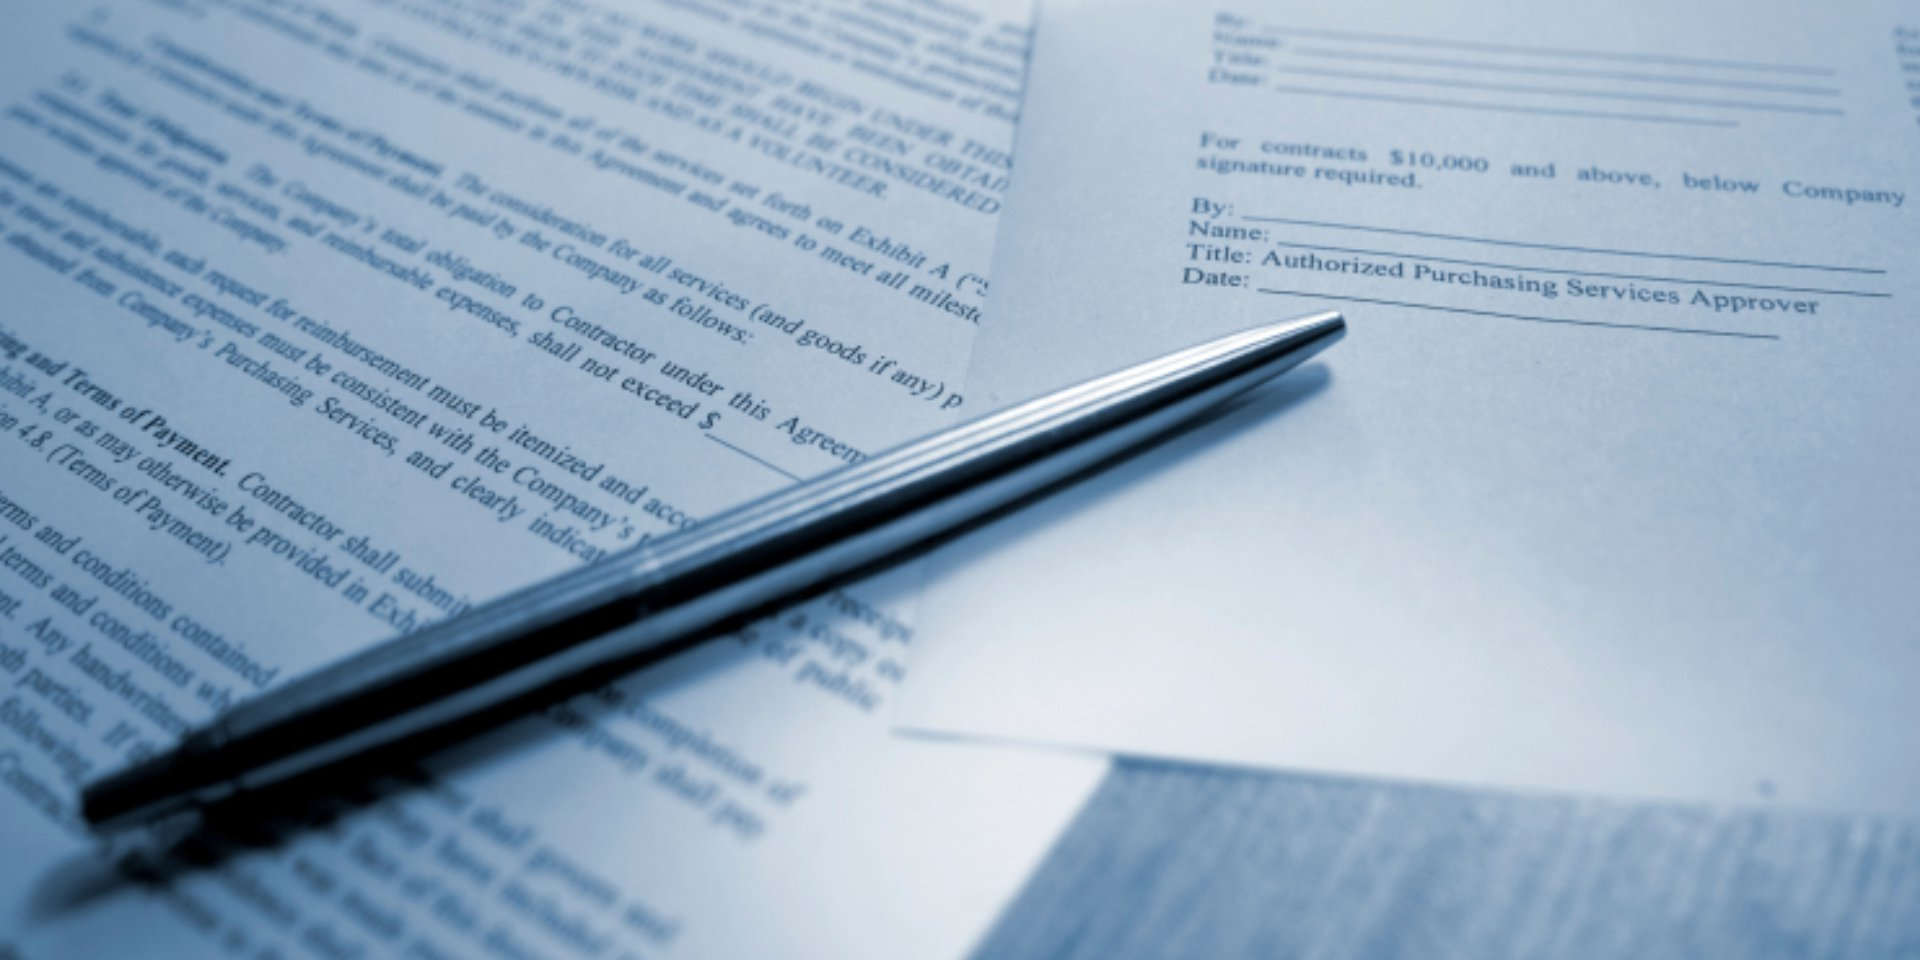 Зачем сайту пользовательское соглашение и как его составить?